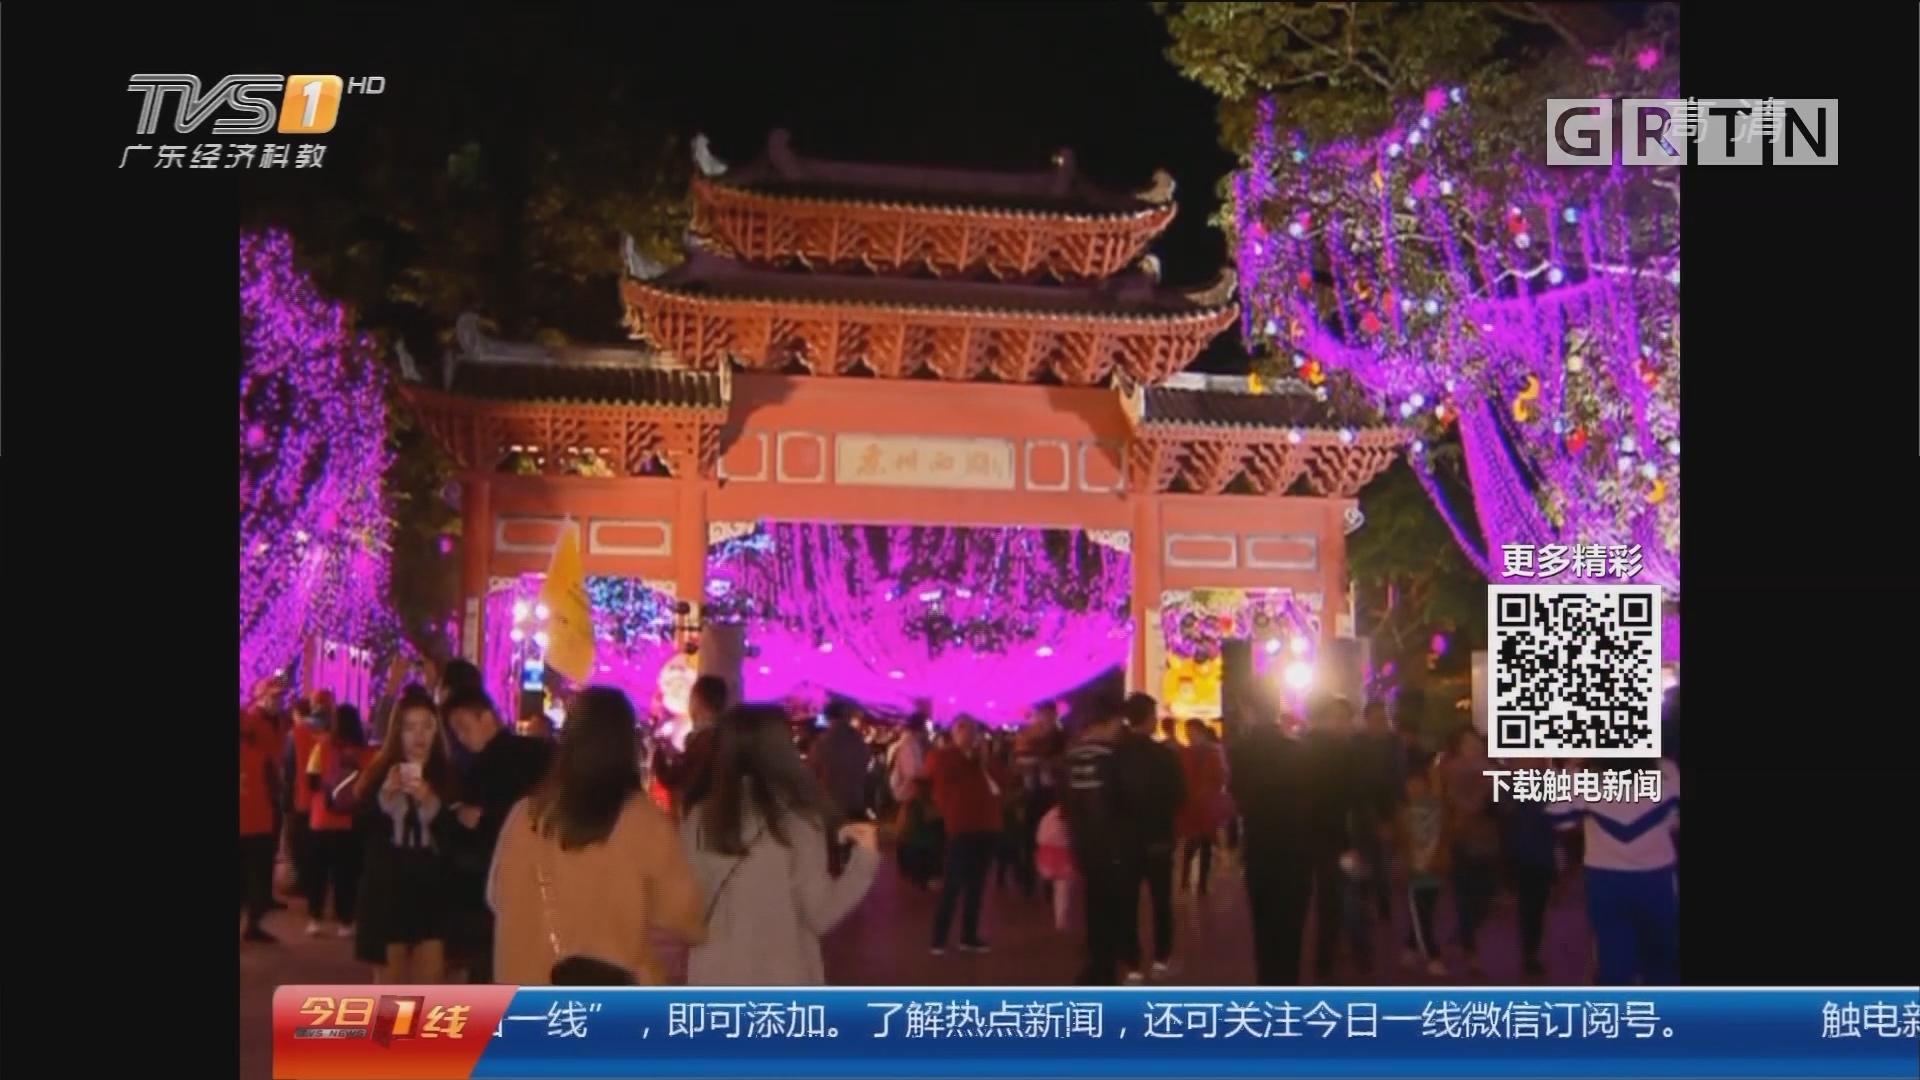 全省各地喜迎新年 惠州:西湖花灯博览会亮灯